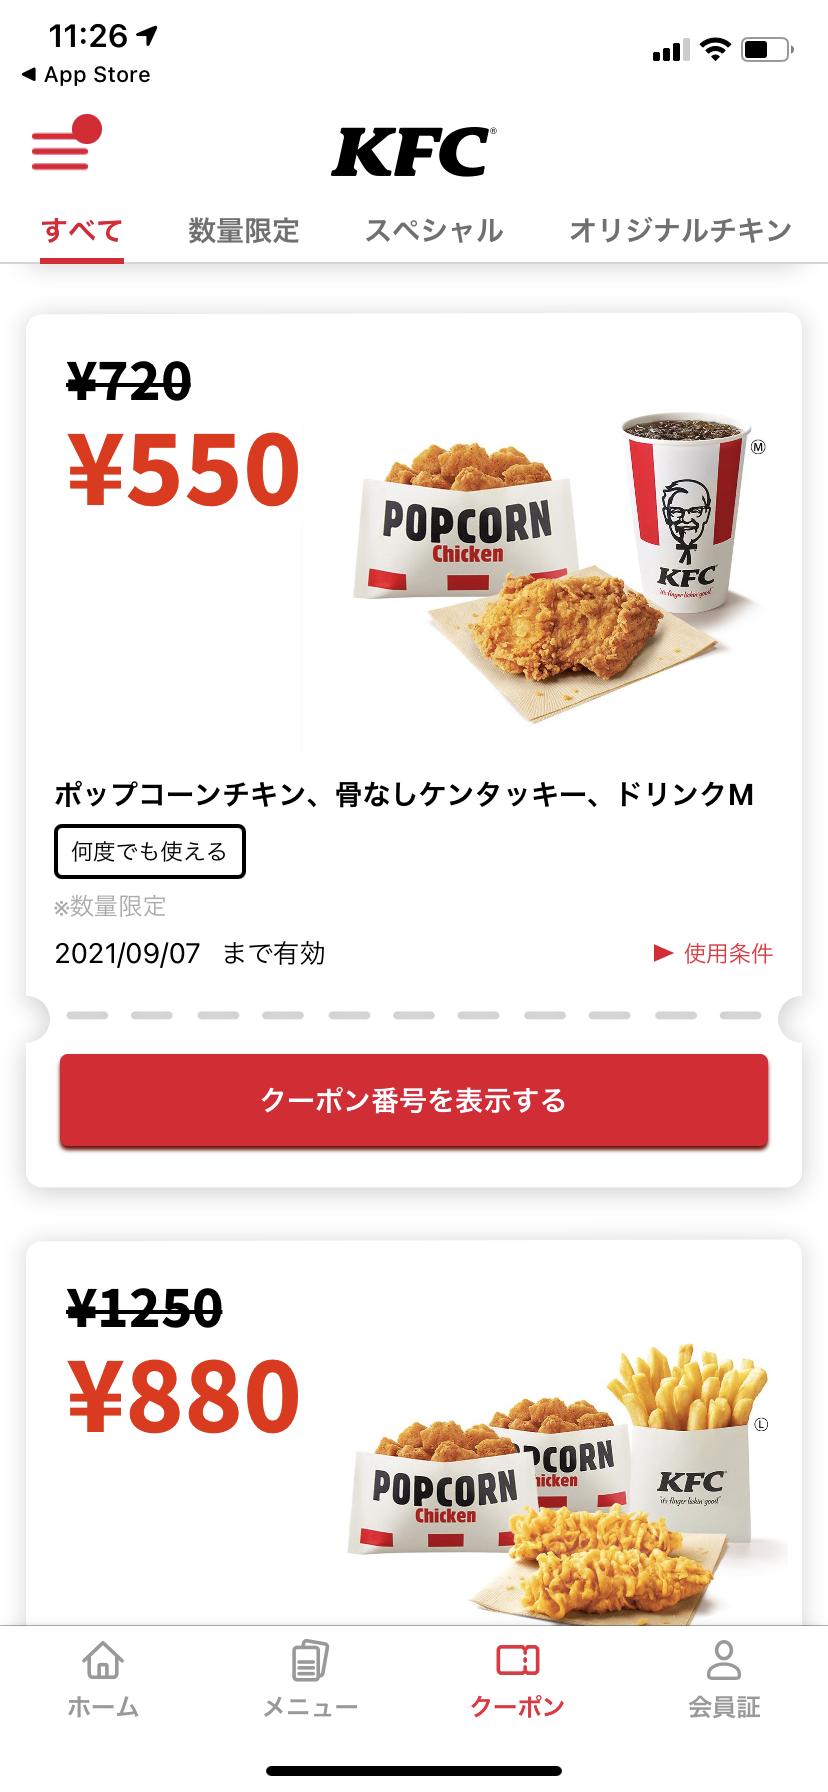 KFC(ケンタッキーフライドチキン) ケンタッキーフライドチキン公式 モバイルアプリの良い点・メリットに関するヨコさんの口コミ画像1